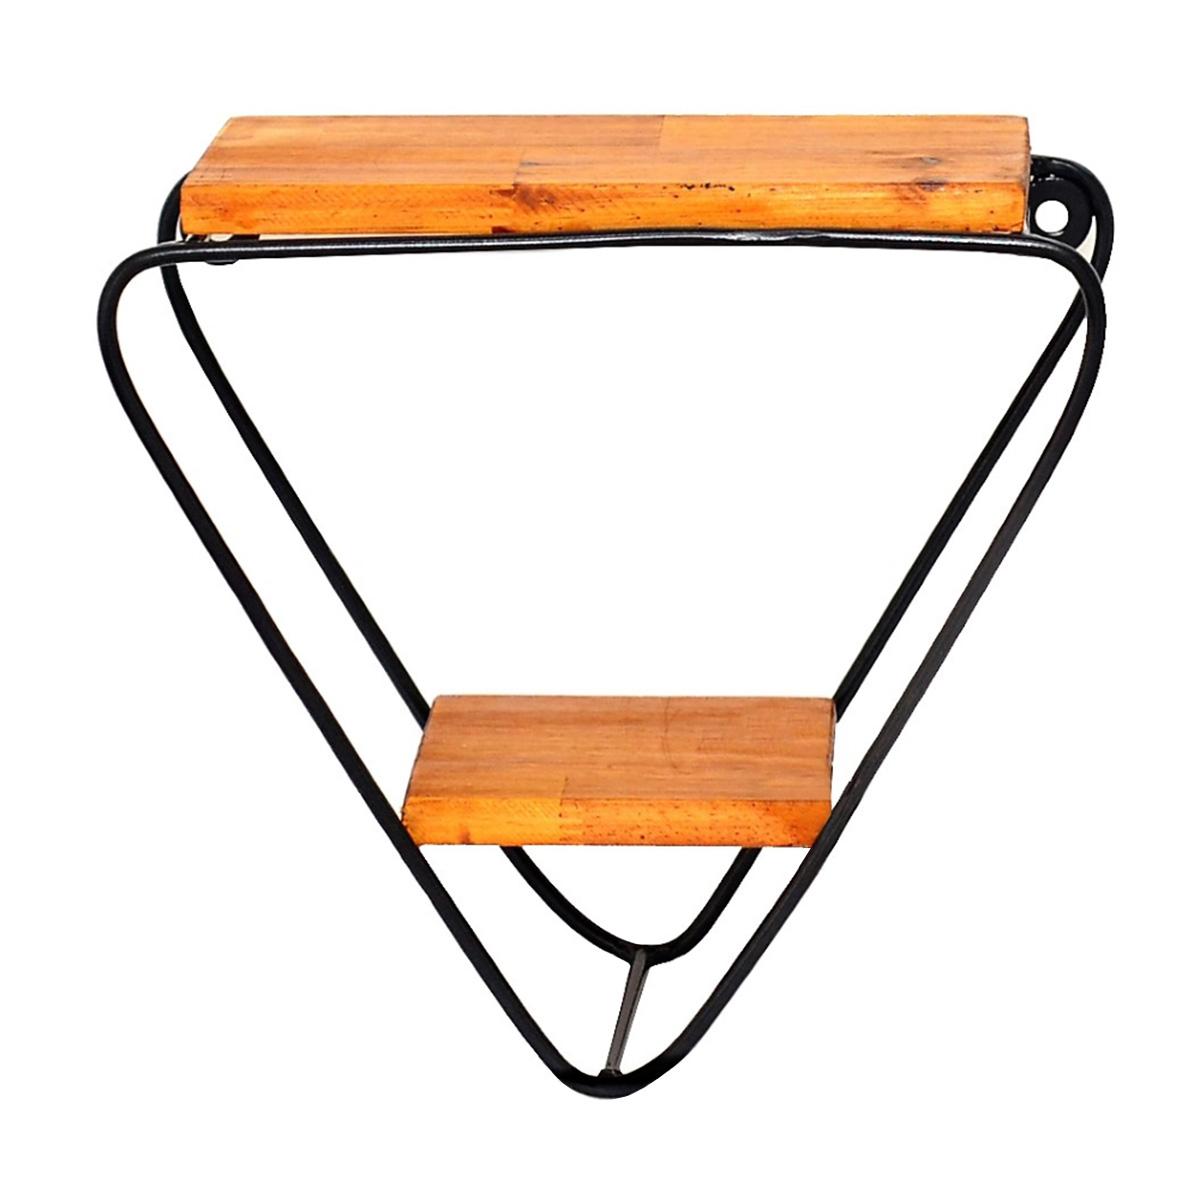 Prateleira Triangular Invertida 2 Nichos Suspensos Ferro e Madeira